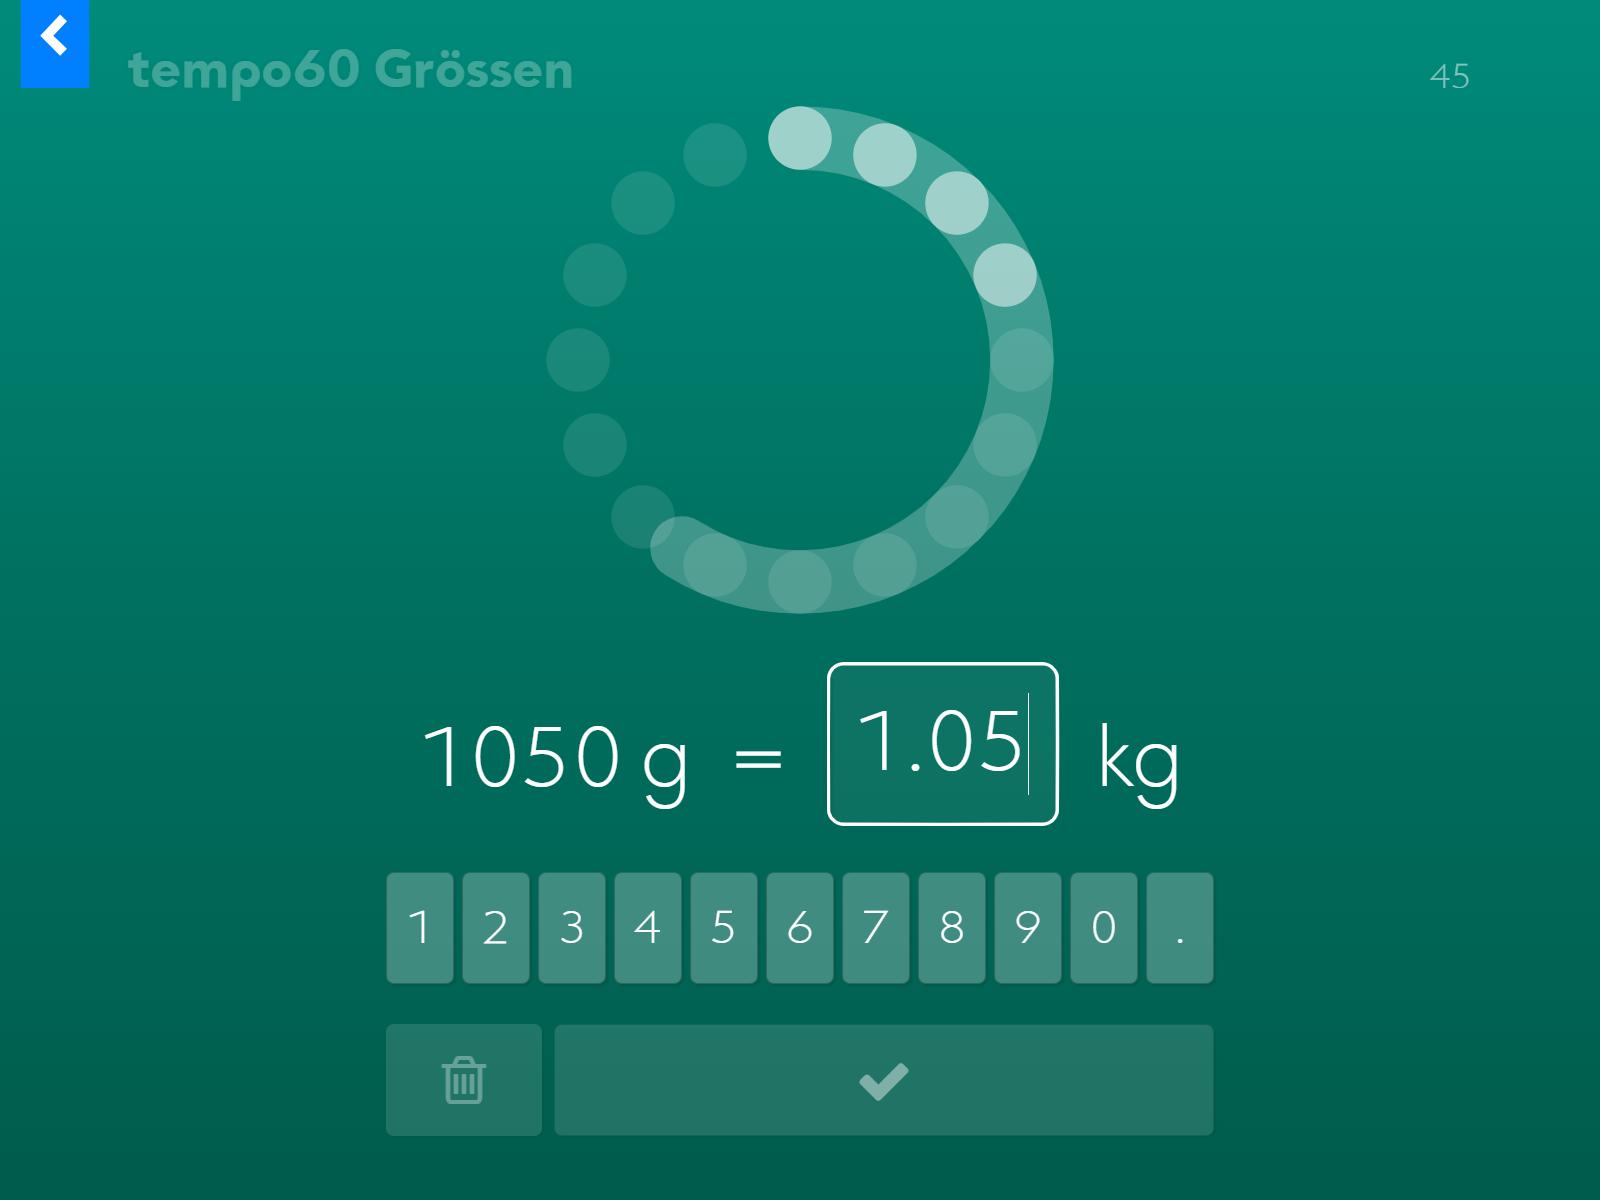 tempo60 Grössen: Umwandeln in die grössere Einheit.